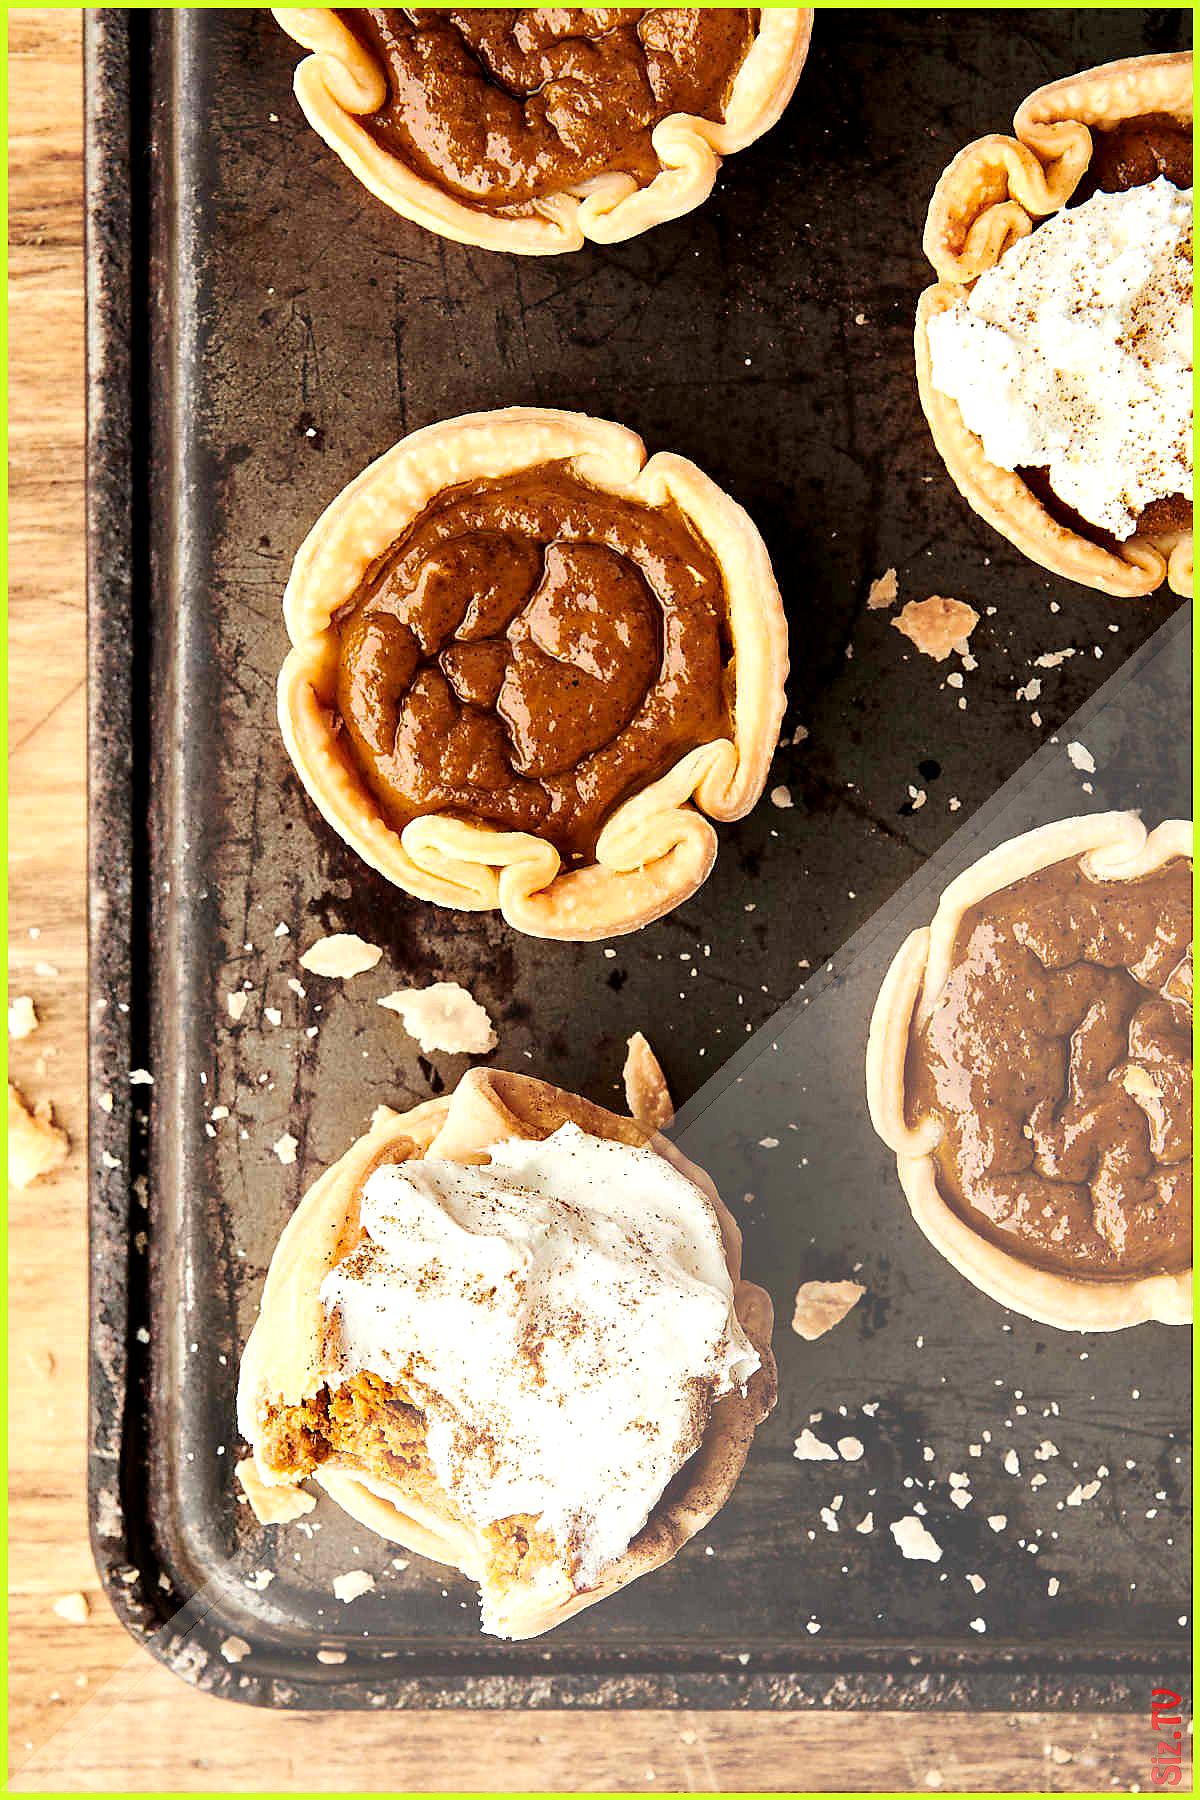 Mini Pumpkin Pies Recipe  Quick Easy 038 Made in a Muffin Tin Mini Pumpkin Pies Recipe  Quick Easy